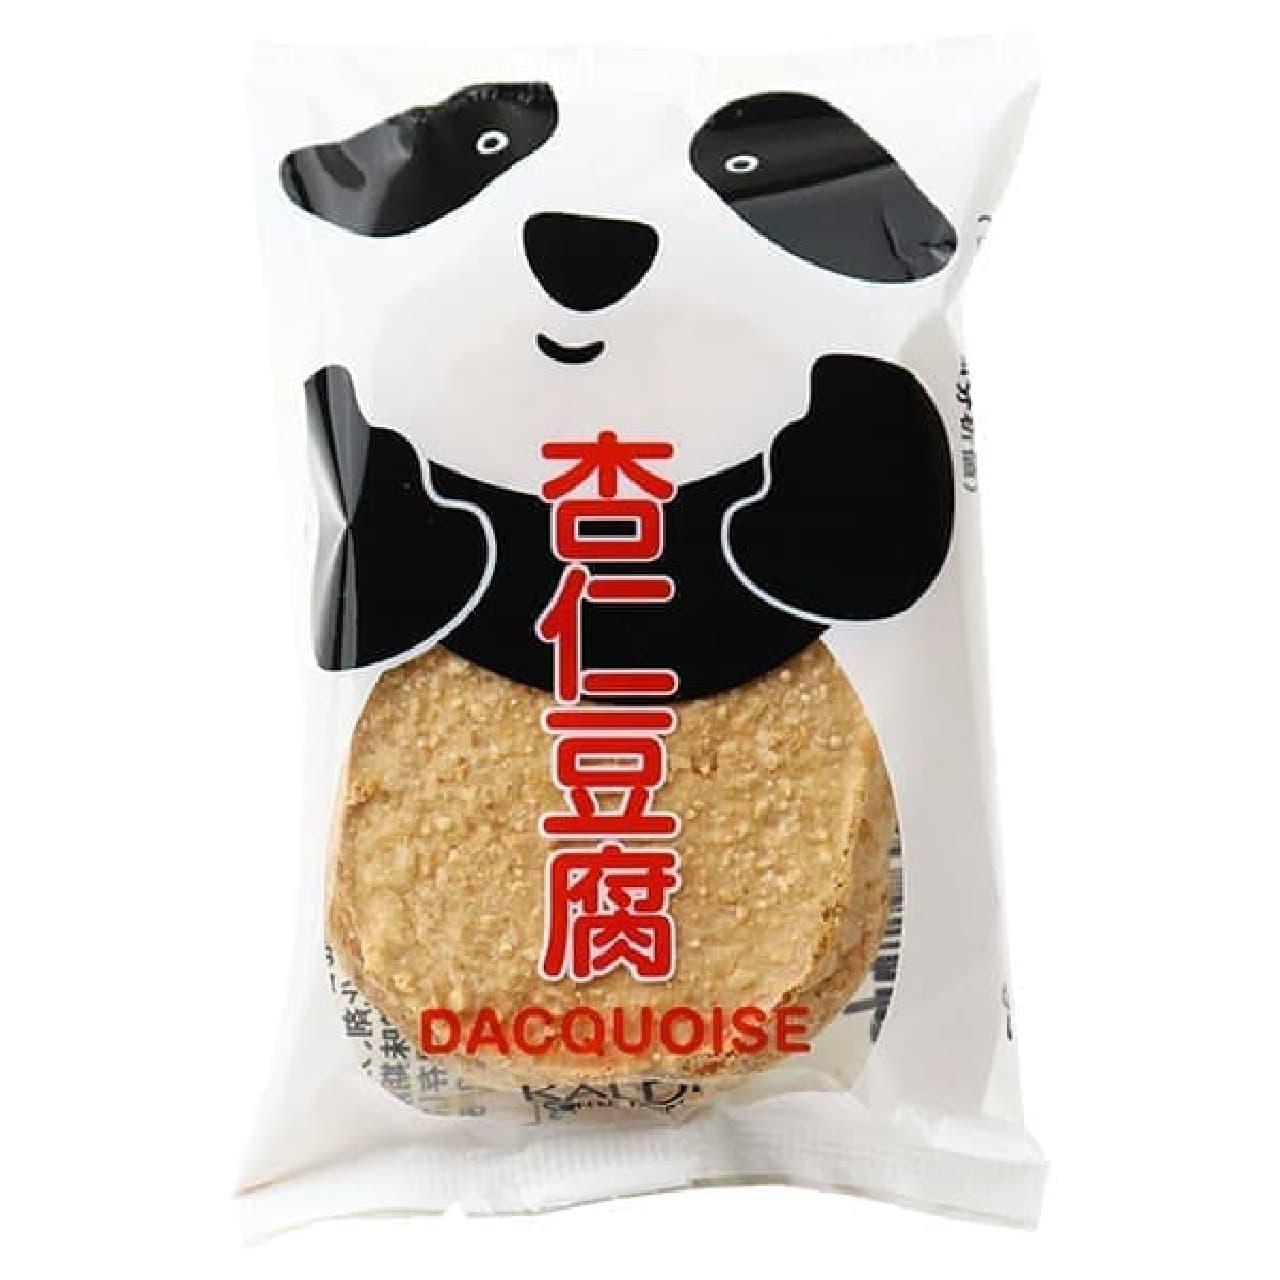 カルディ「杏仁豆腐ダックワーズ」